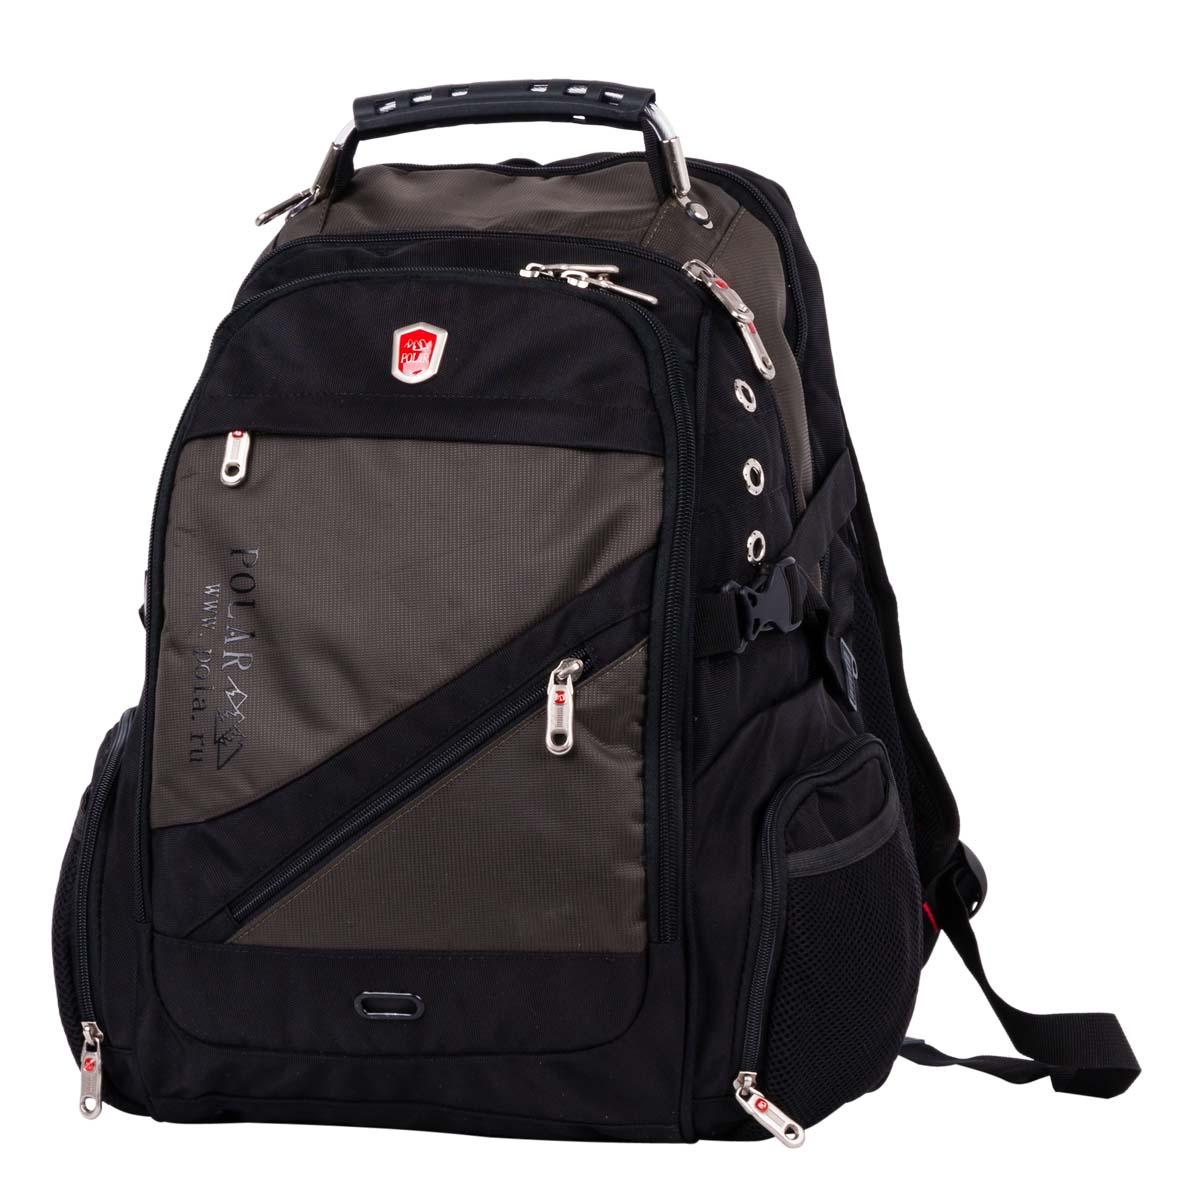 Рюкзак городской Polar, цвет: темно-зеленый, 28,5 л. 983017 рюкзак городской polar 27 л цвет темно зеленый п1955 08